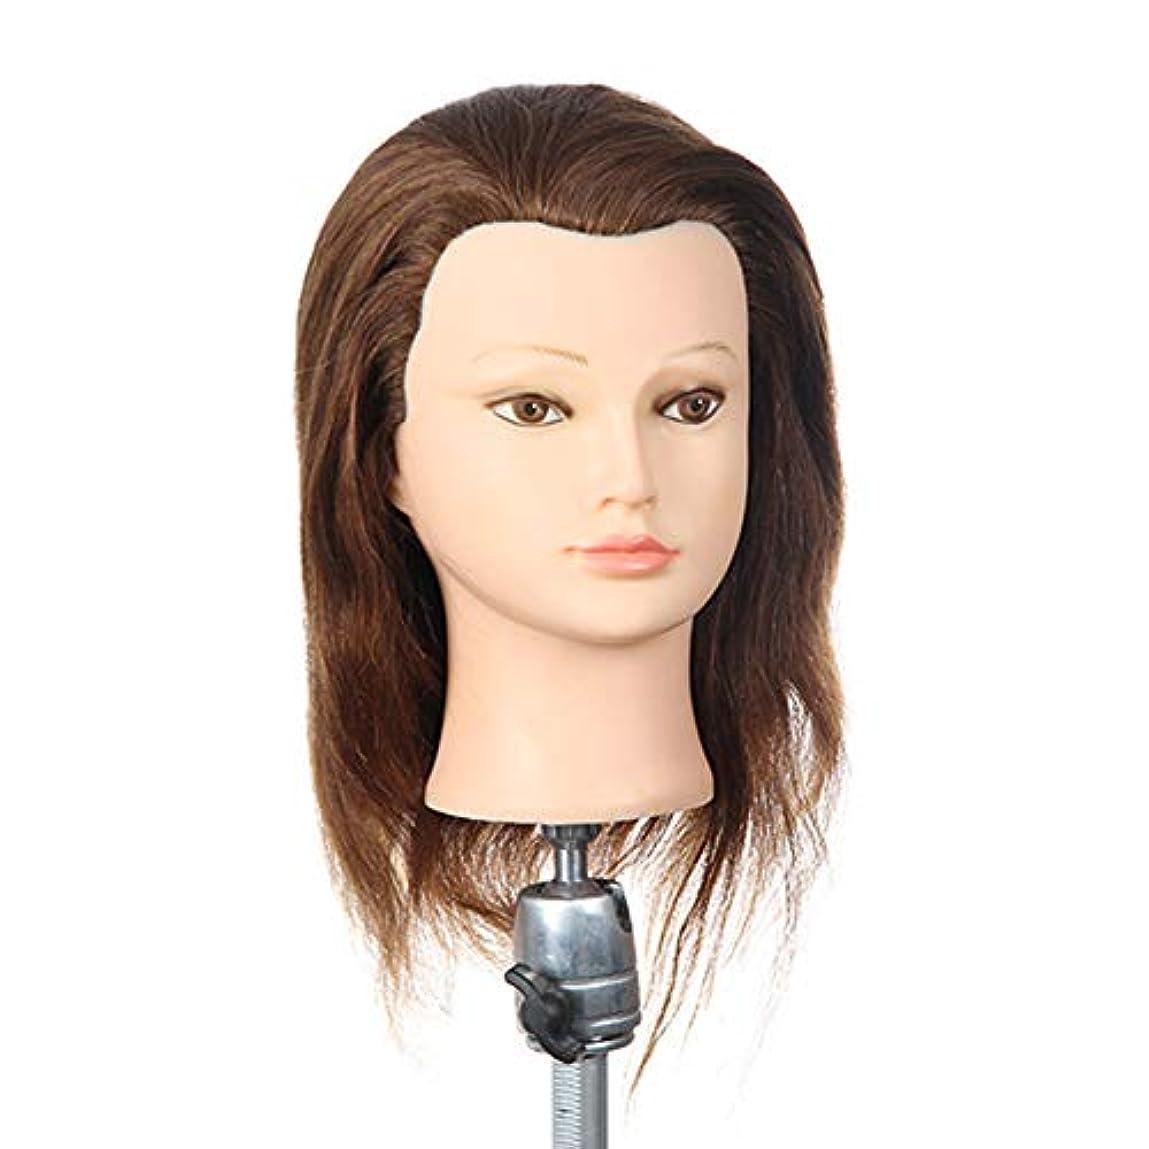 借りているカレッジ適応的パーマ髪染めティーチングヘッドメイクヘアスタイリングモデルヘッド理髪練習ヘッドブローホットロールマネキンヘッド